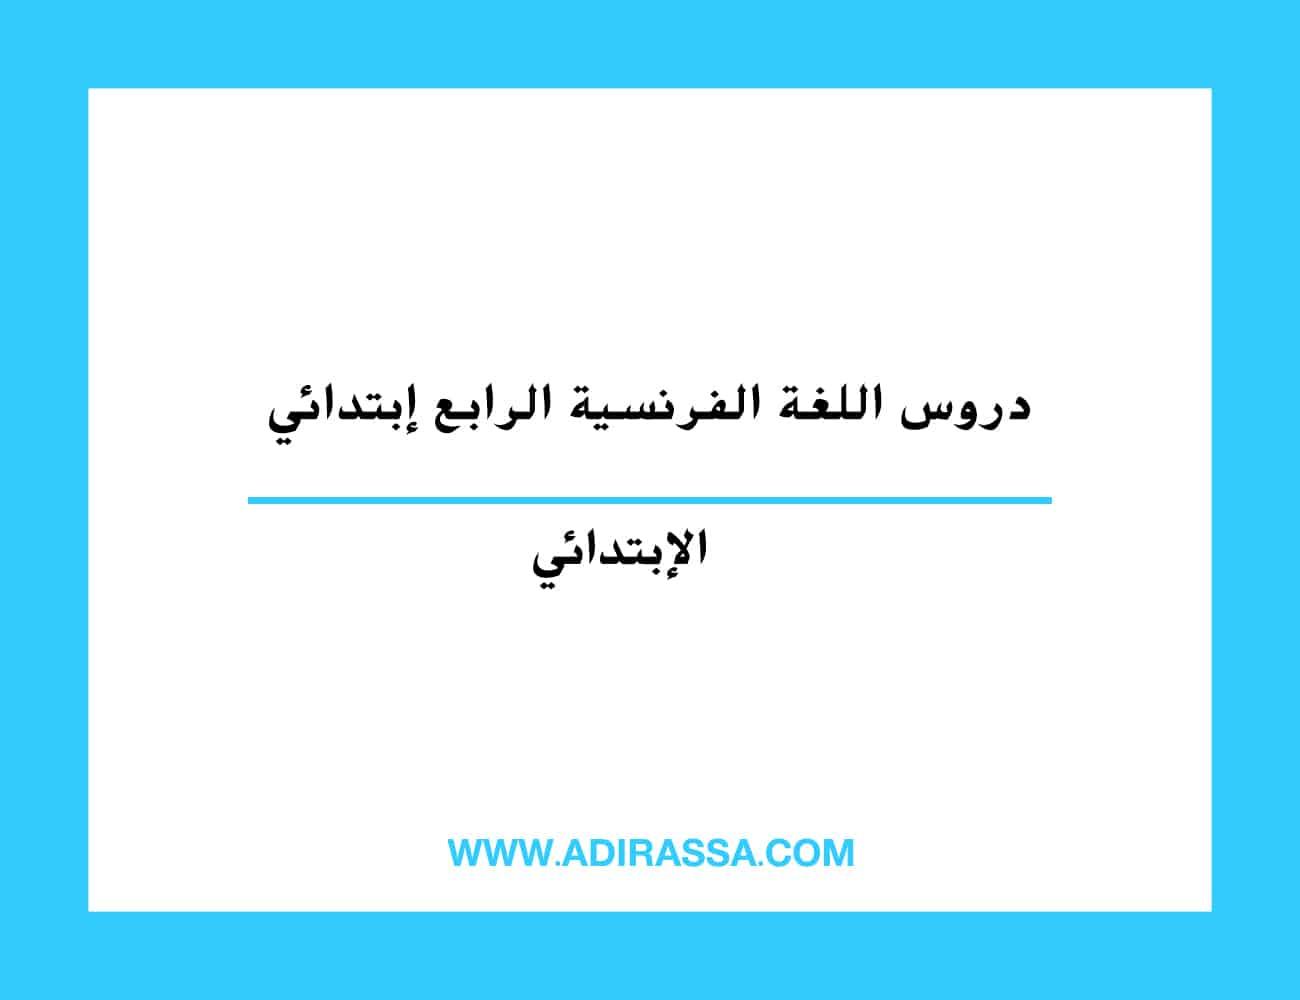 دروس اللغة الفرنسية الرابع ابتدائي المقررة بالمدرسة المغربية